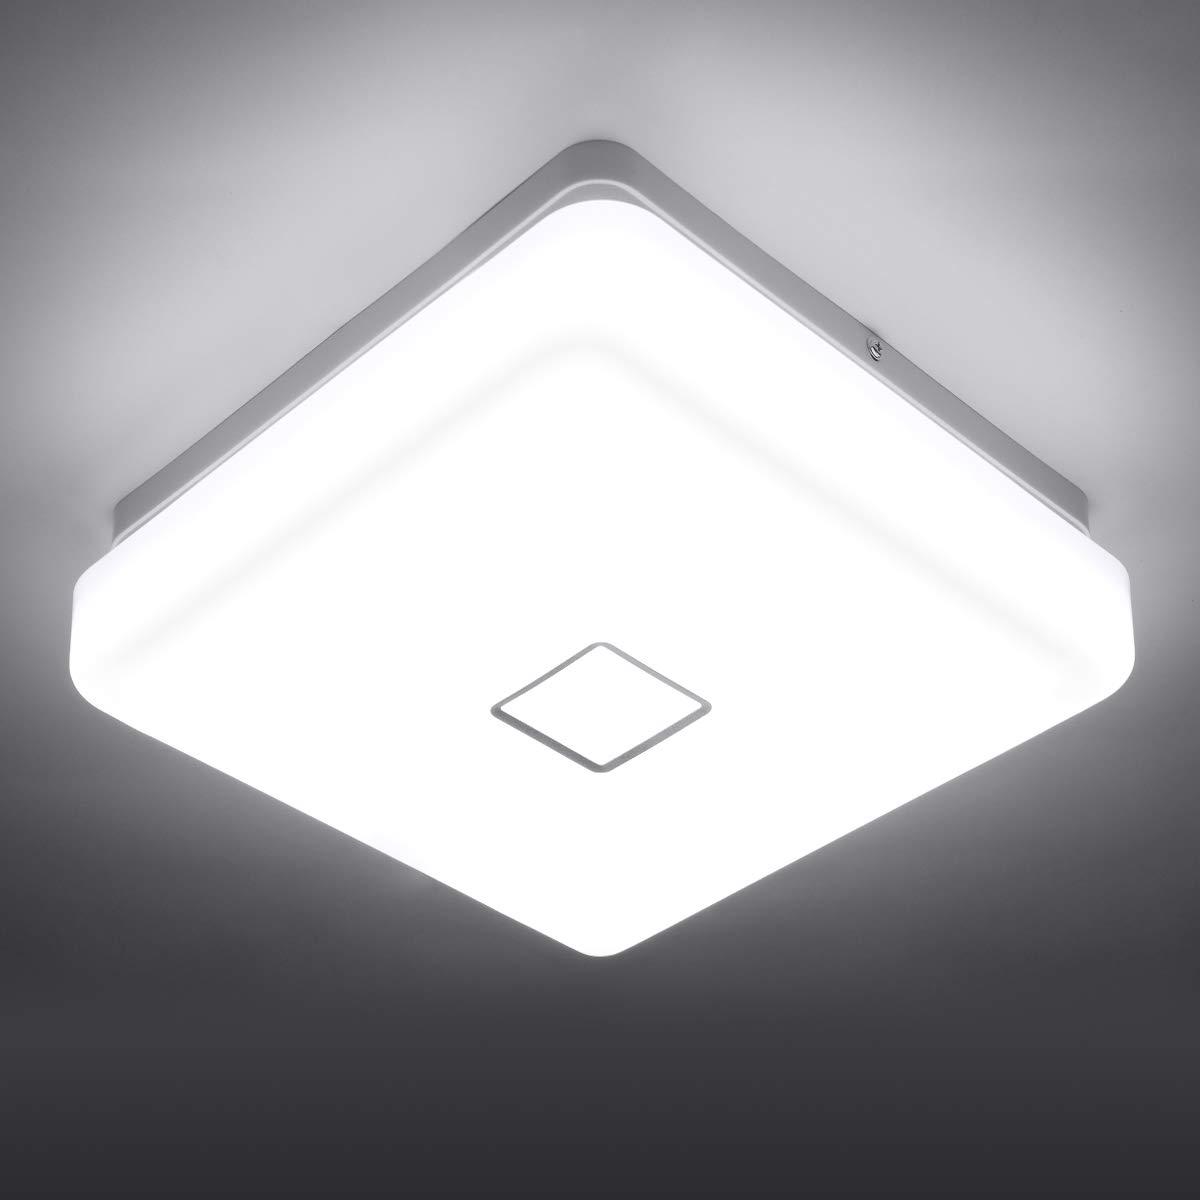 Onforu 24W LED Lámpara de Techo Cuadrado, IP65 Impermeable LED Plafón 2100LM para Salón Cocina Dormitorio Baño Pasillo Habitacion, Igual al 220W Luz ...